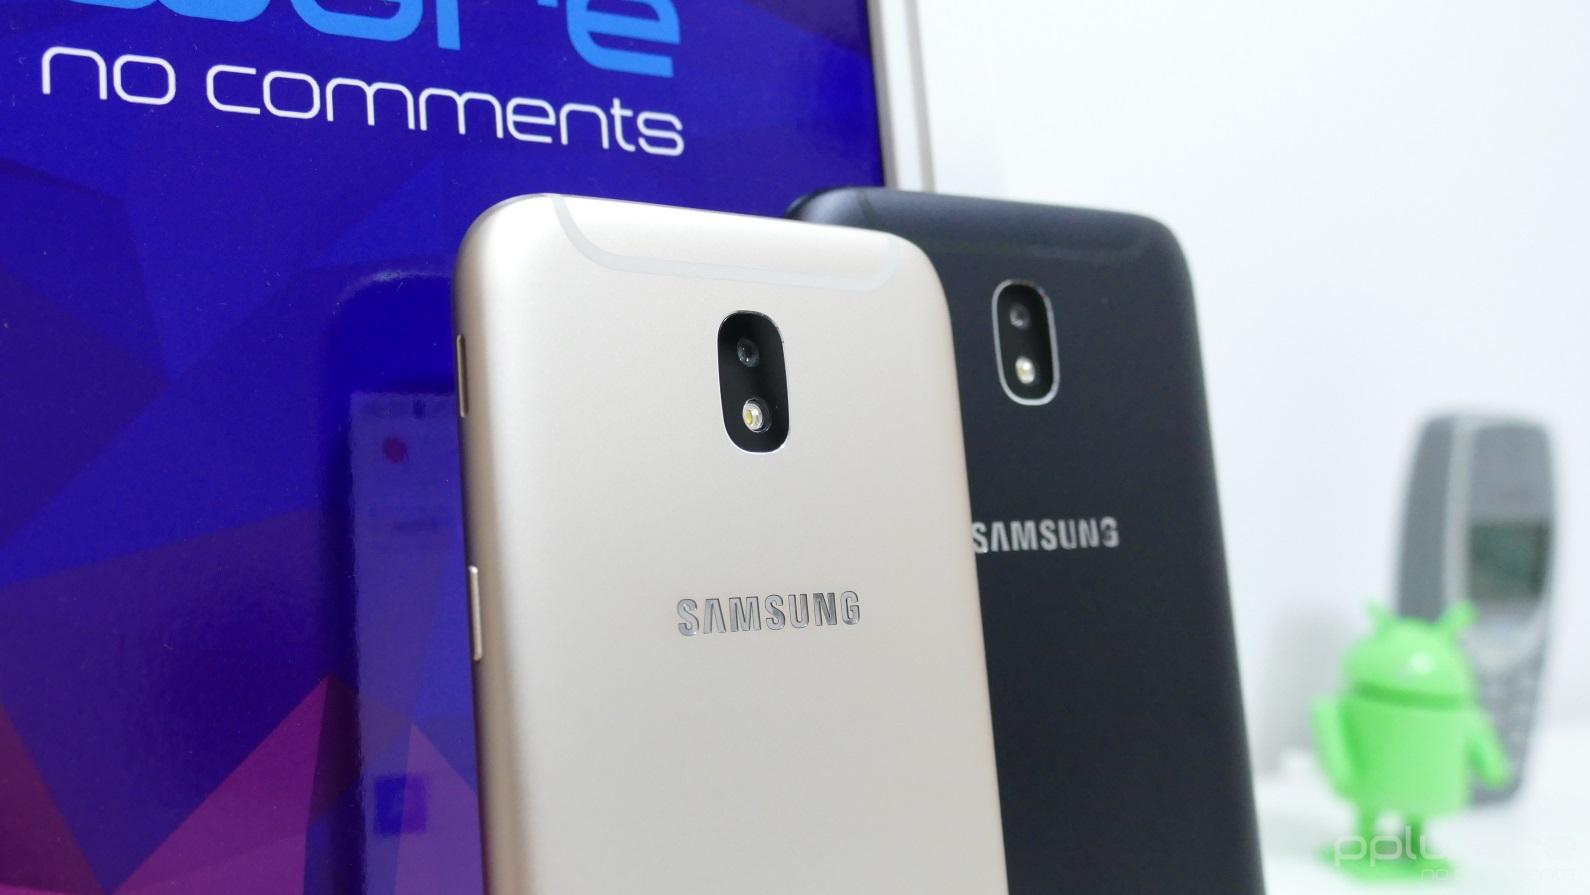 2309d4e1f4 Os Samsung Galaxy J5 e J7 foram apresentados pela marca no passado mês de  junho como sucessores da linha apresentada no ano anterior. Estes modelos  ...